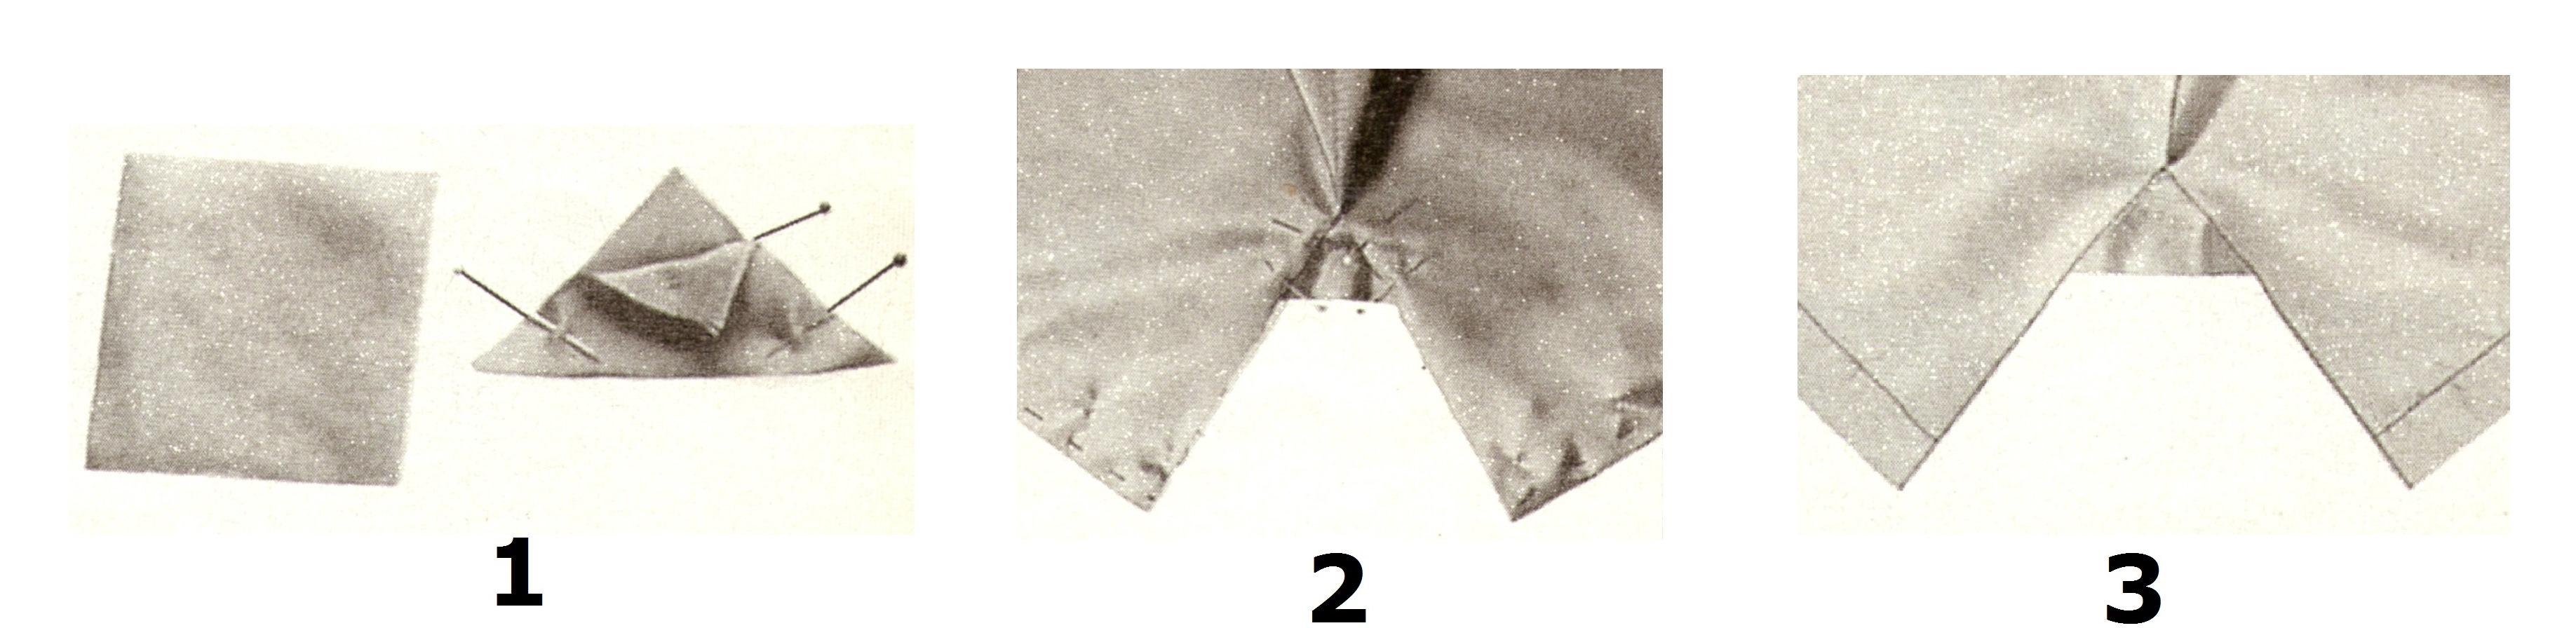 Разрез на подкладке